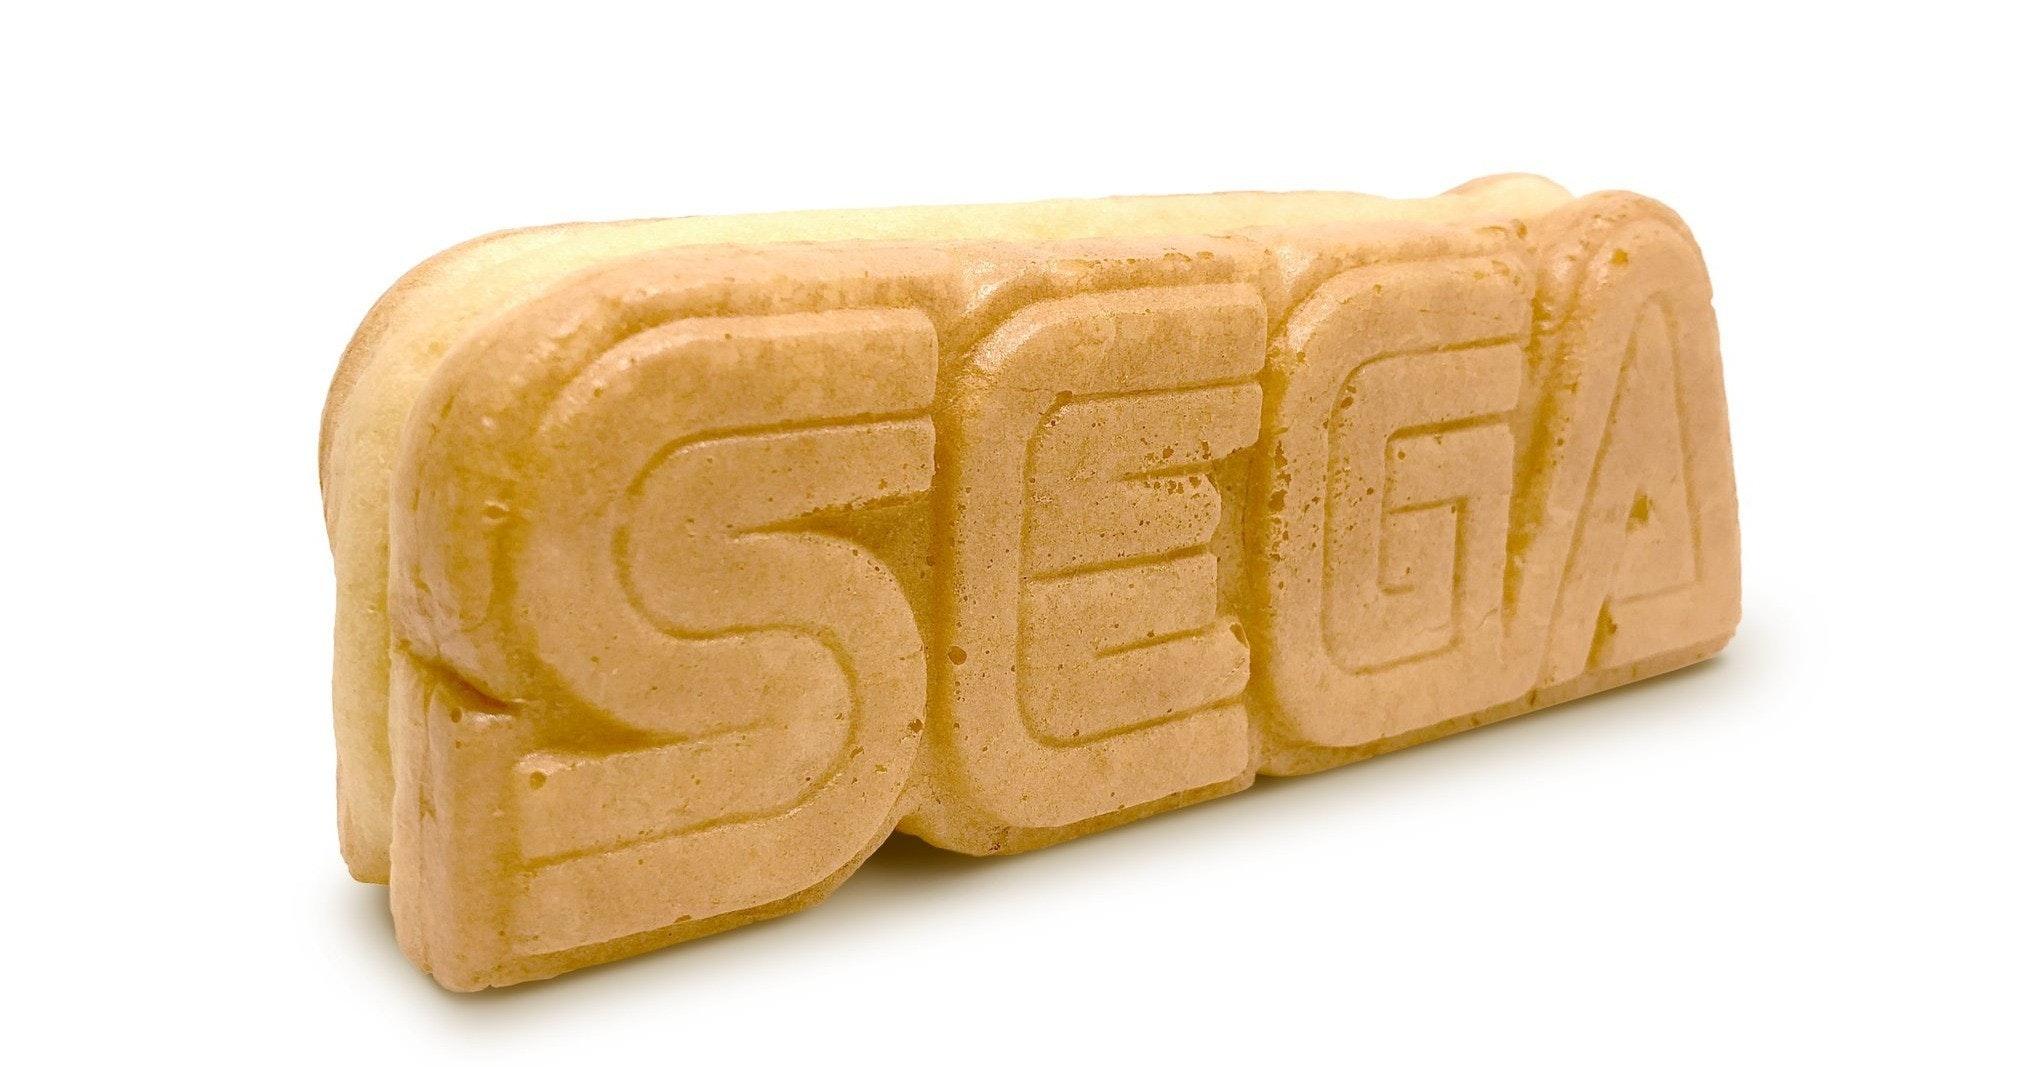 , セガのたい焼き 池袋店, Sega, Food, Taiyaki, Sweet bean paste, Monaka, Logo, Psilocybin mushroom, Therapy, Sega, product, material